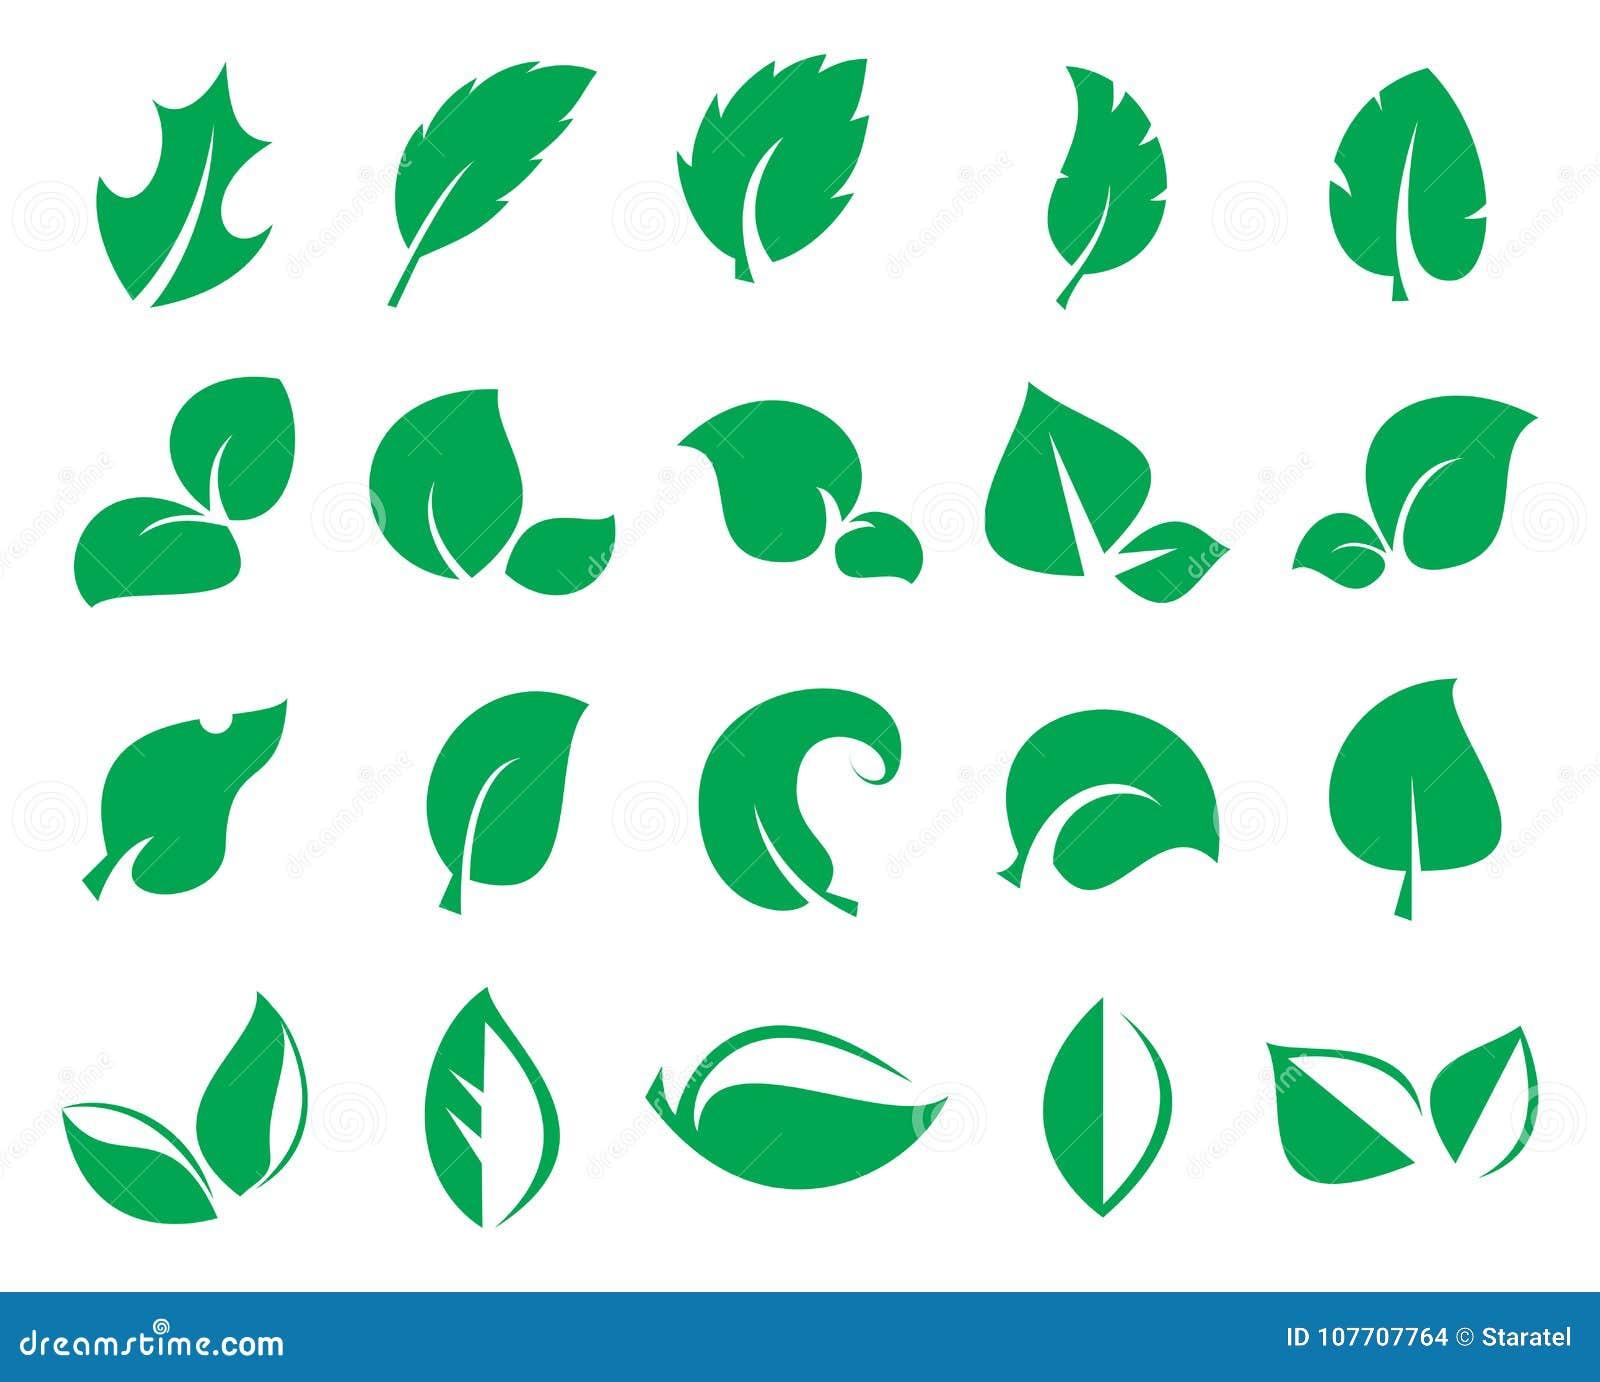 Groen die blad iconss op een witte achtergrond wordt geïsoleerd